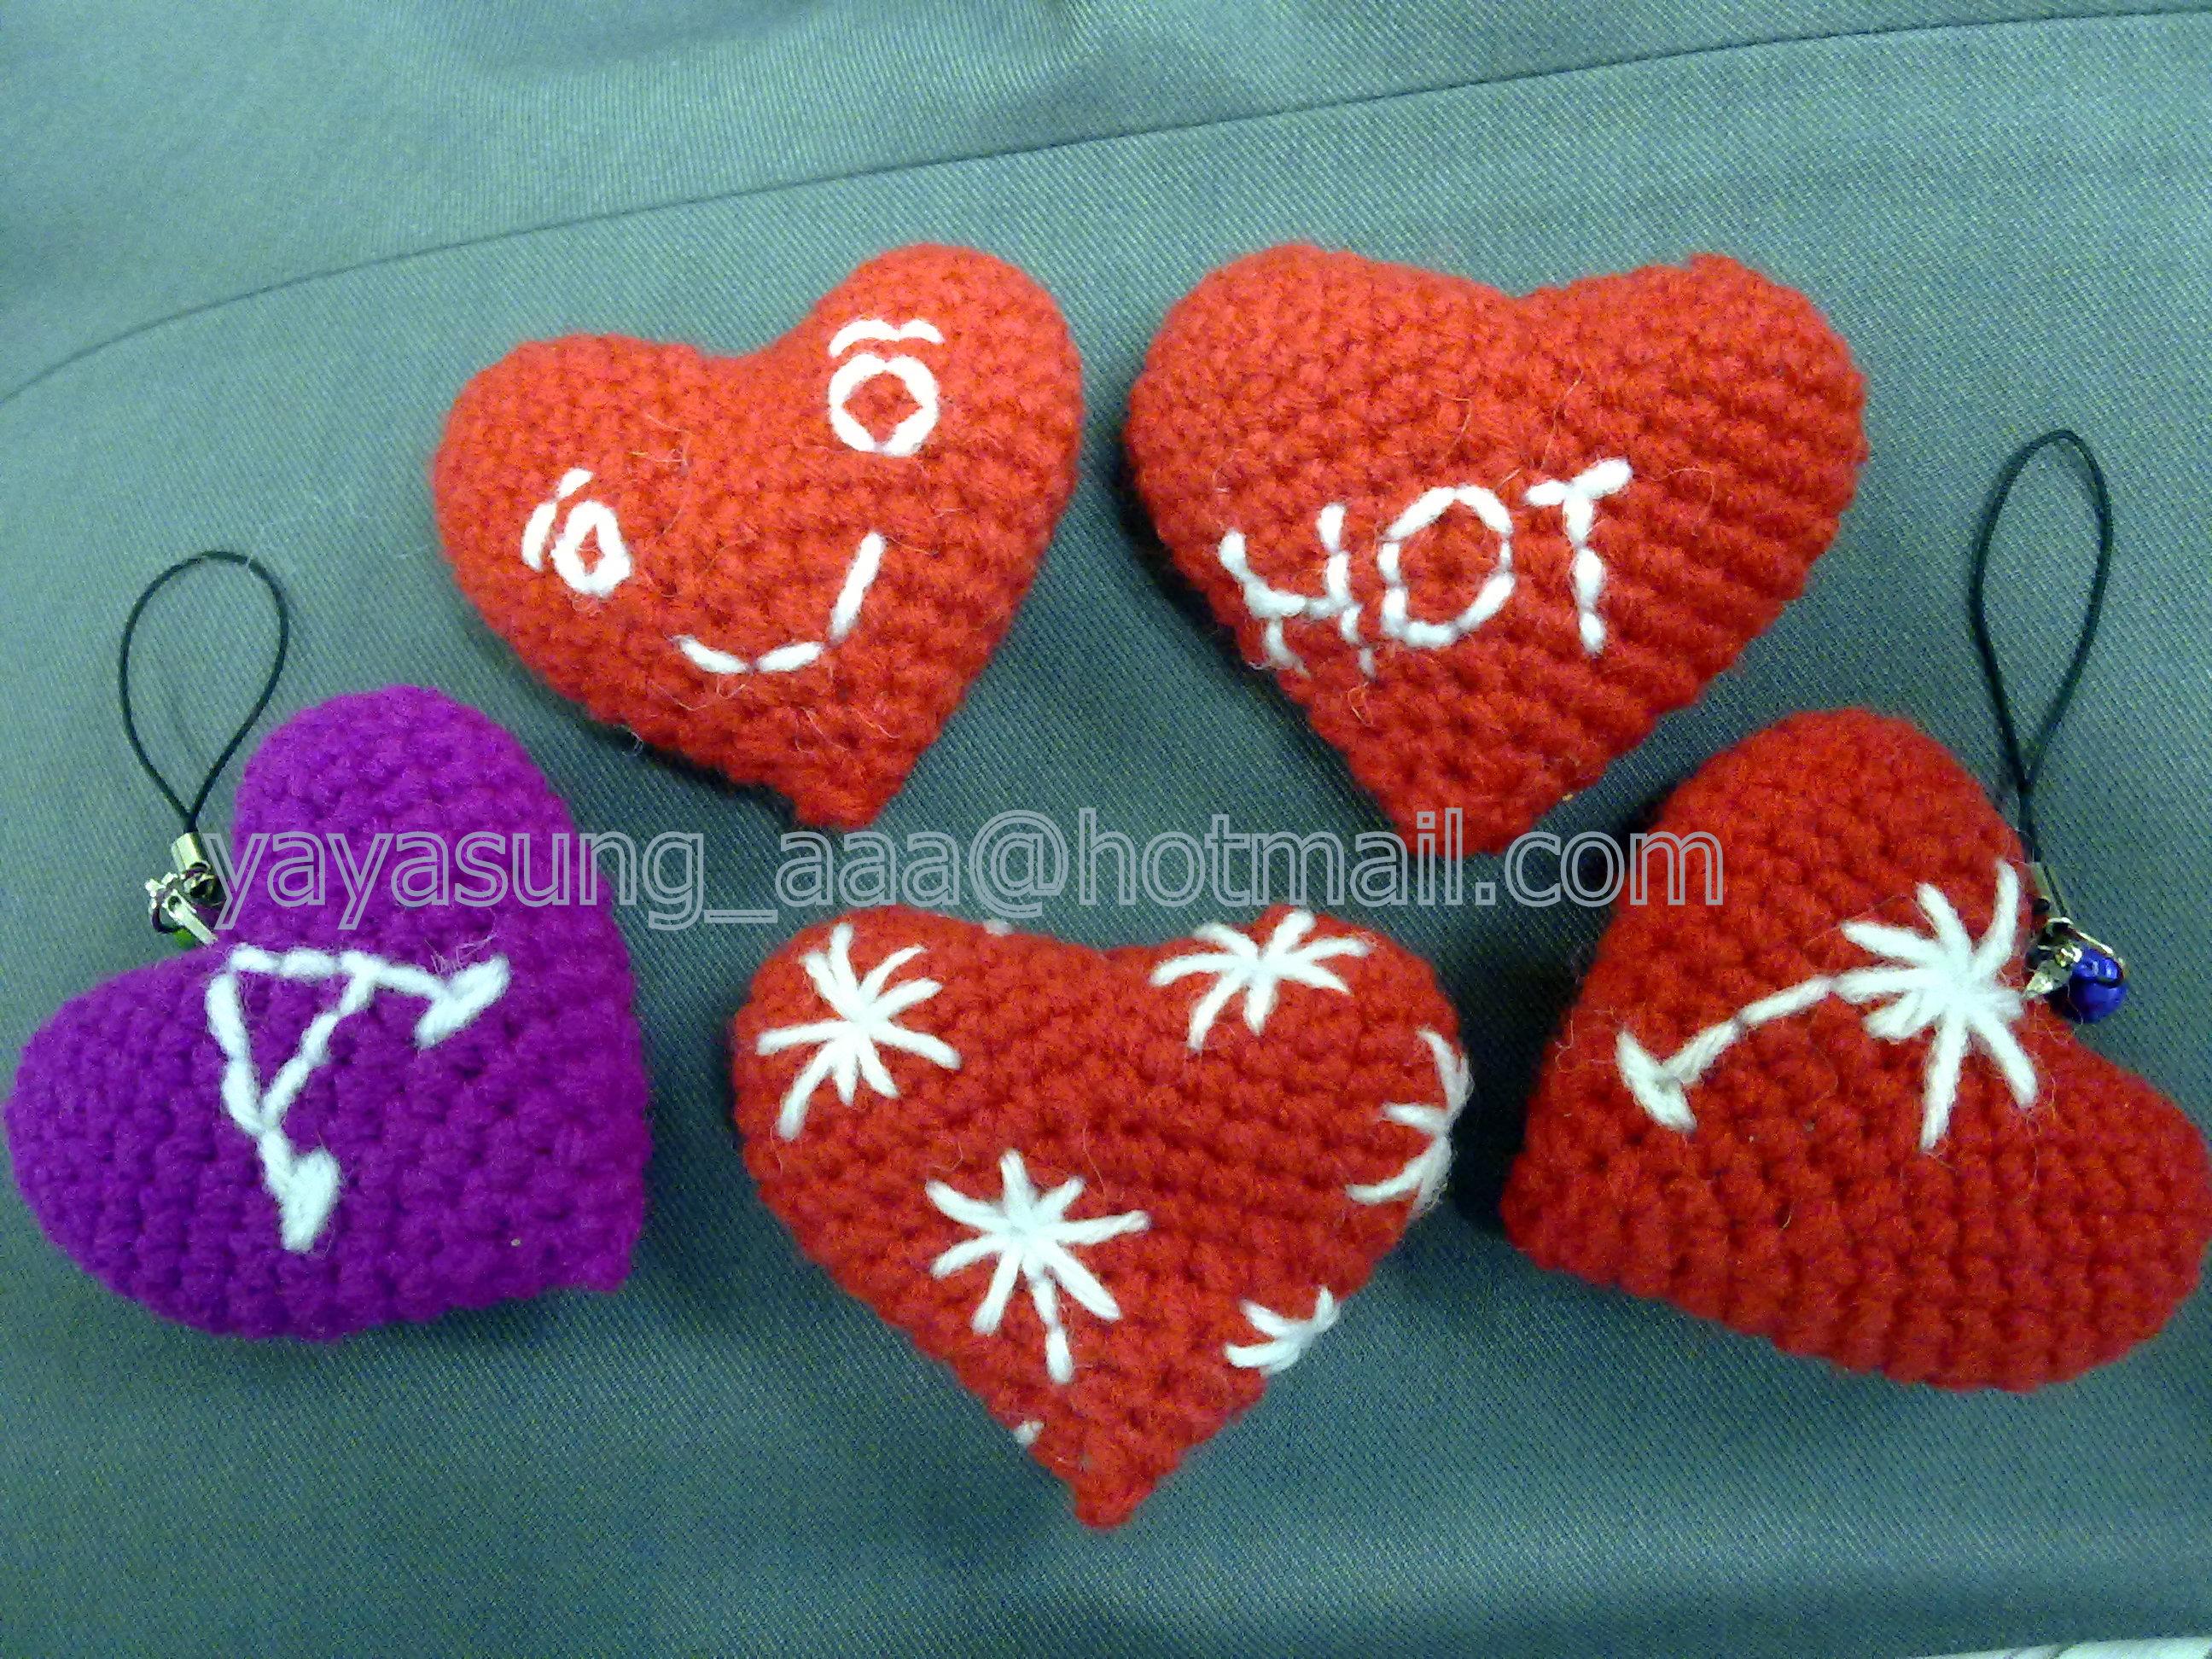 พวงกุญแจโครเชต์รูปหัวใจ